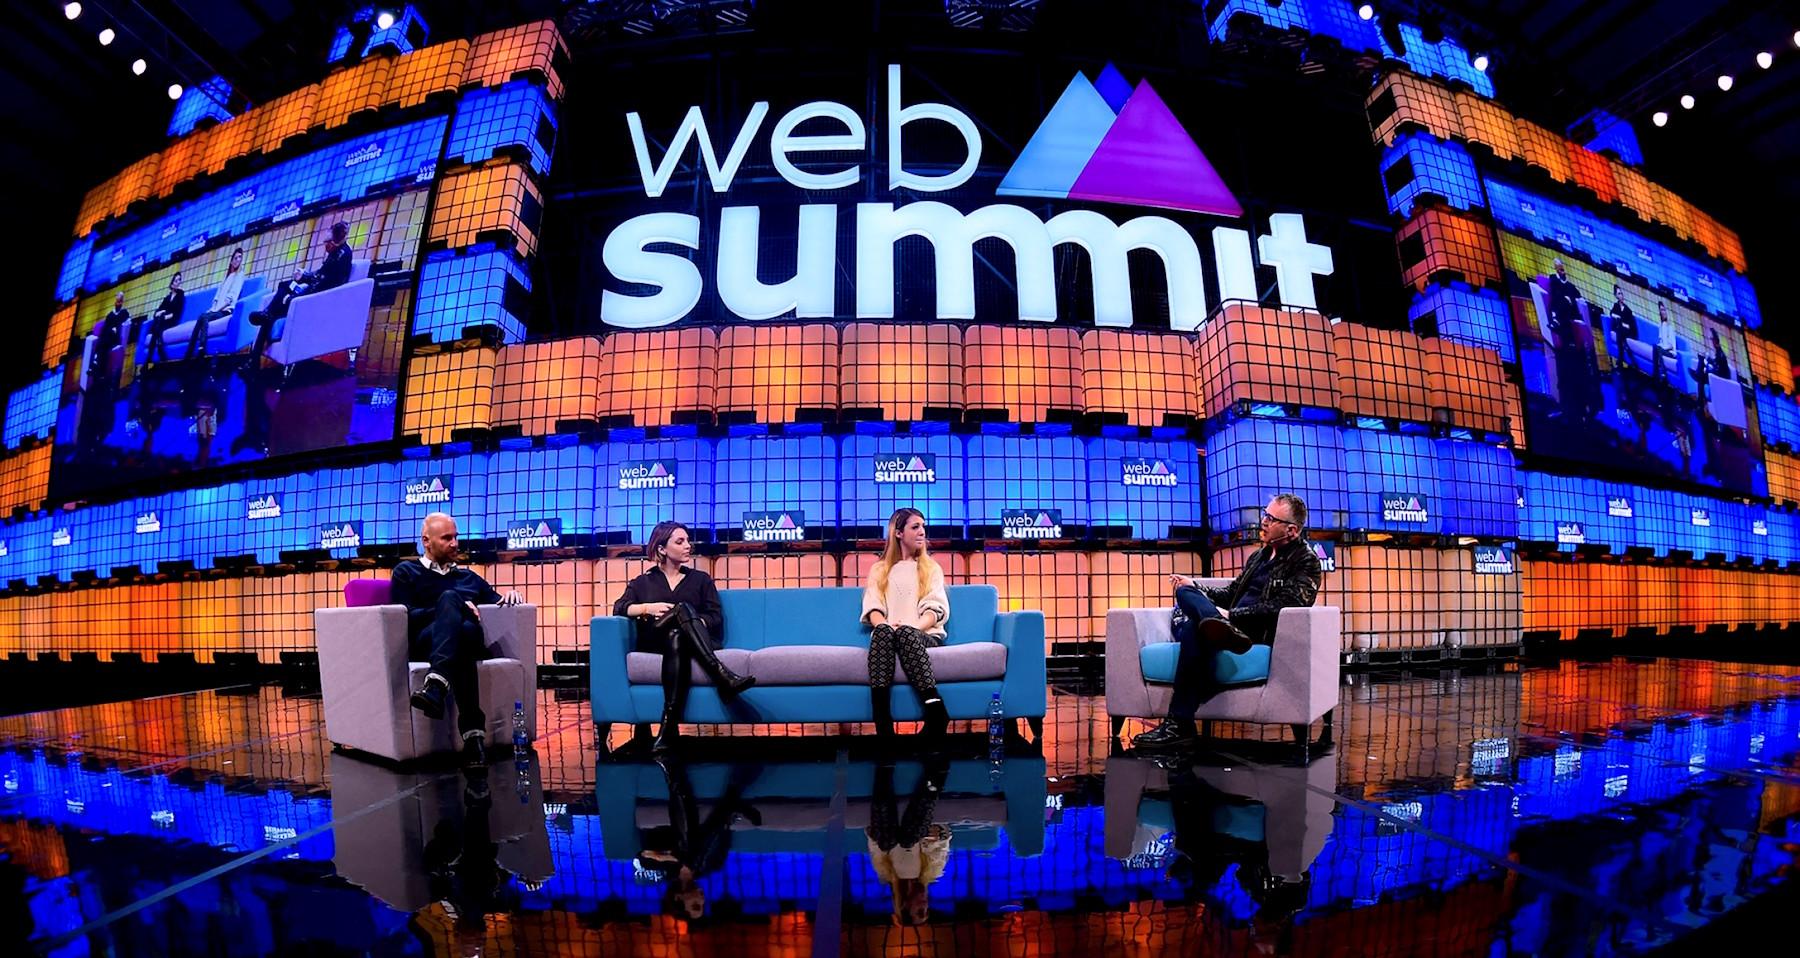 alphagamma-WEB-summit-2016-opportunitnies-millennials-entrepreneurship.jpg